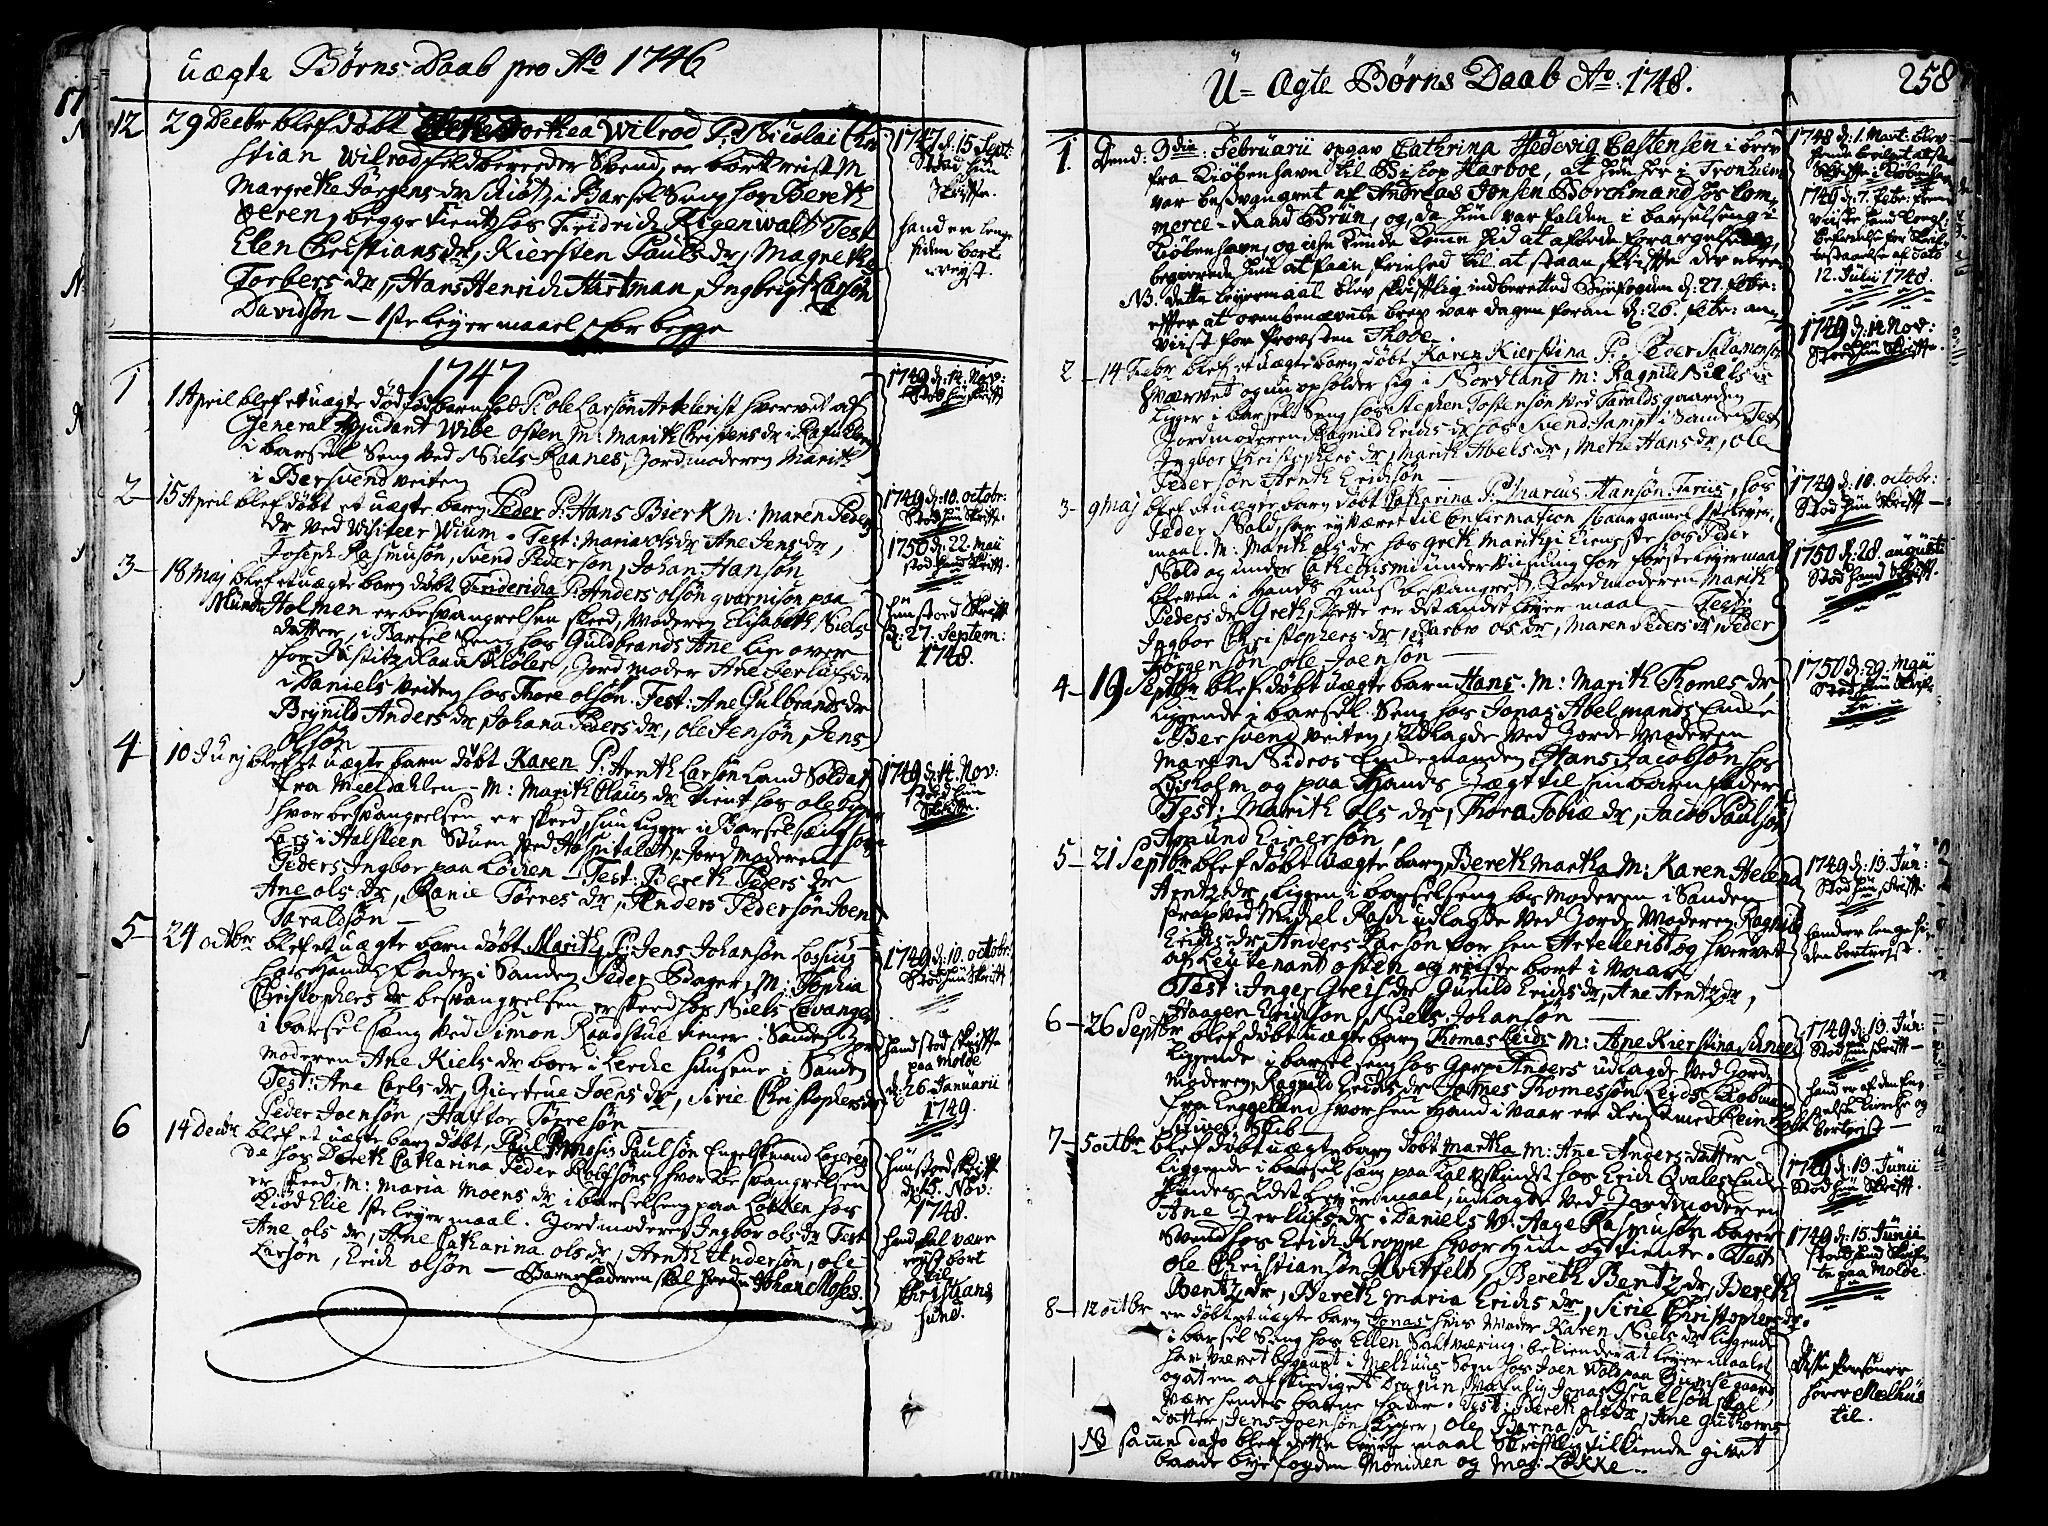 SAT, Ministerialprotokoller, klokkerbøker og fødselsregistre - Sør-Trøndelag, 602/L0103: Ministerialbok nr. 602A01, 1732-1774, s. 258